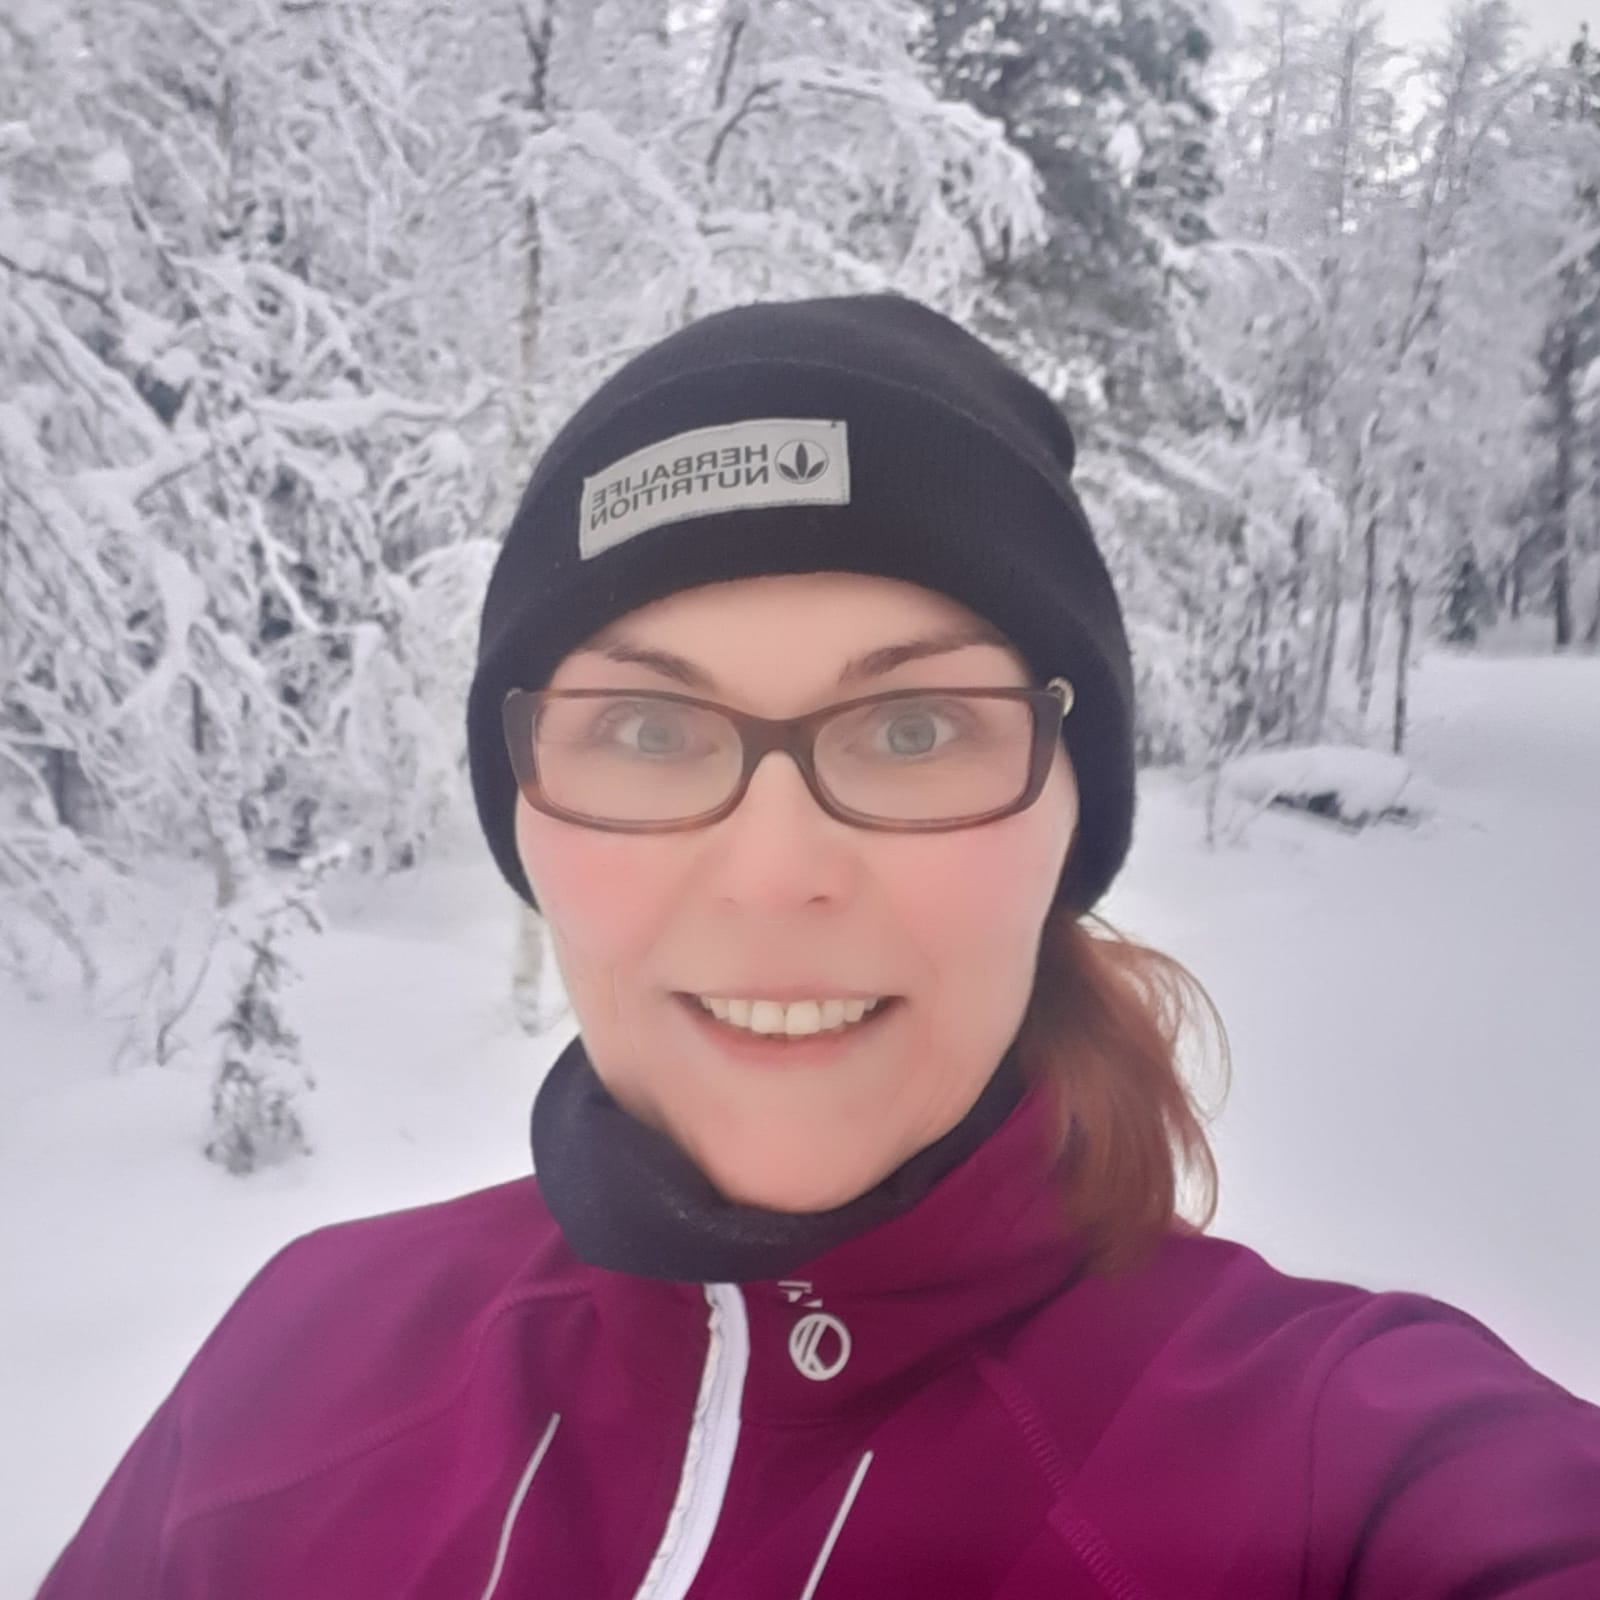 Maria Haanpää